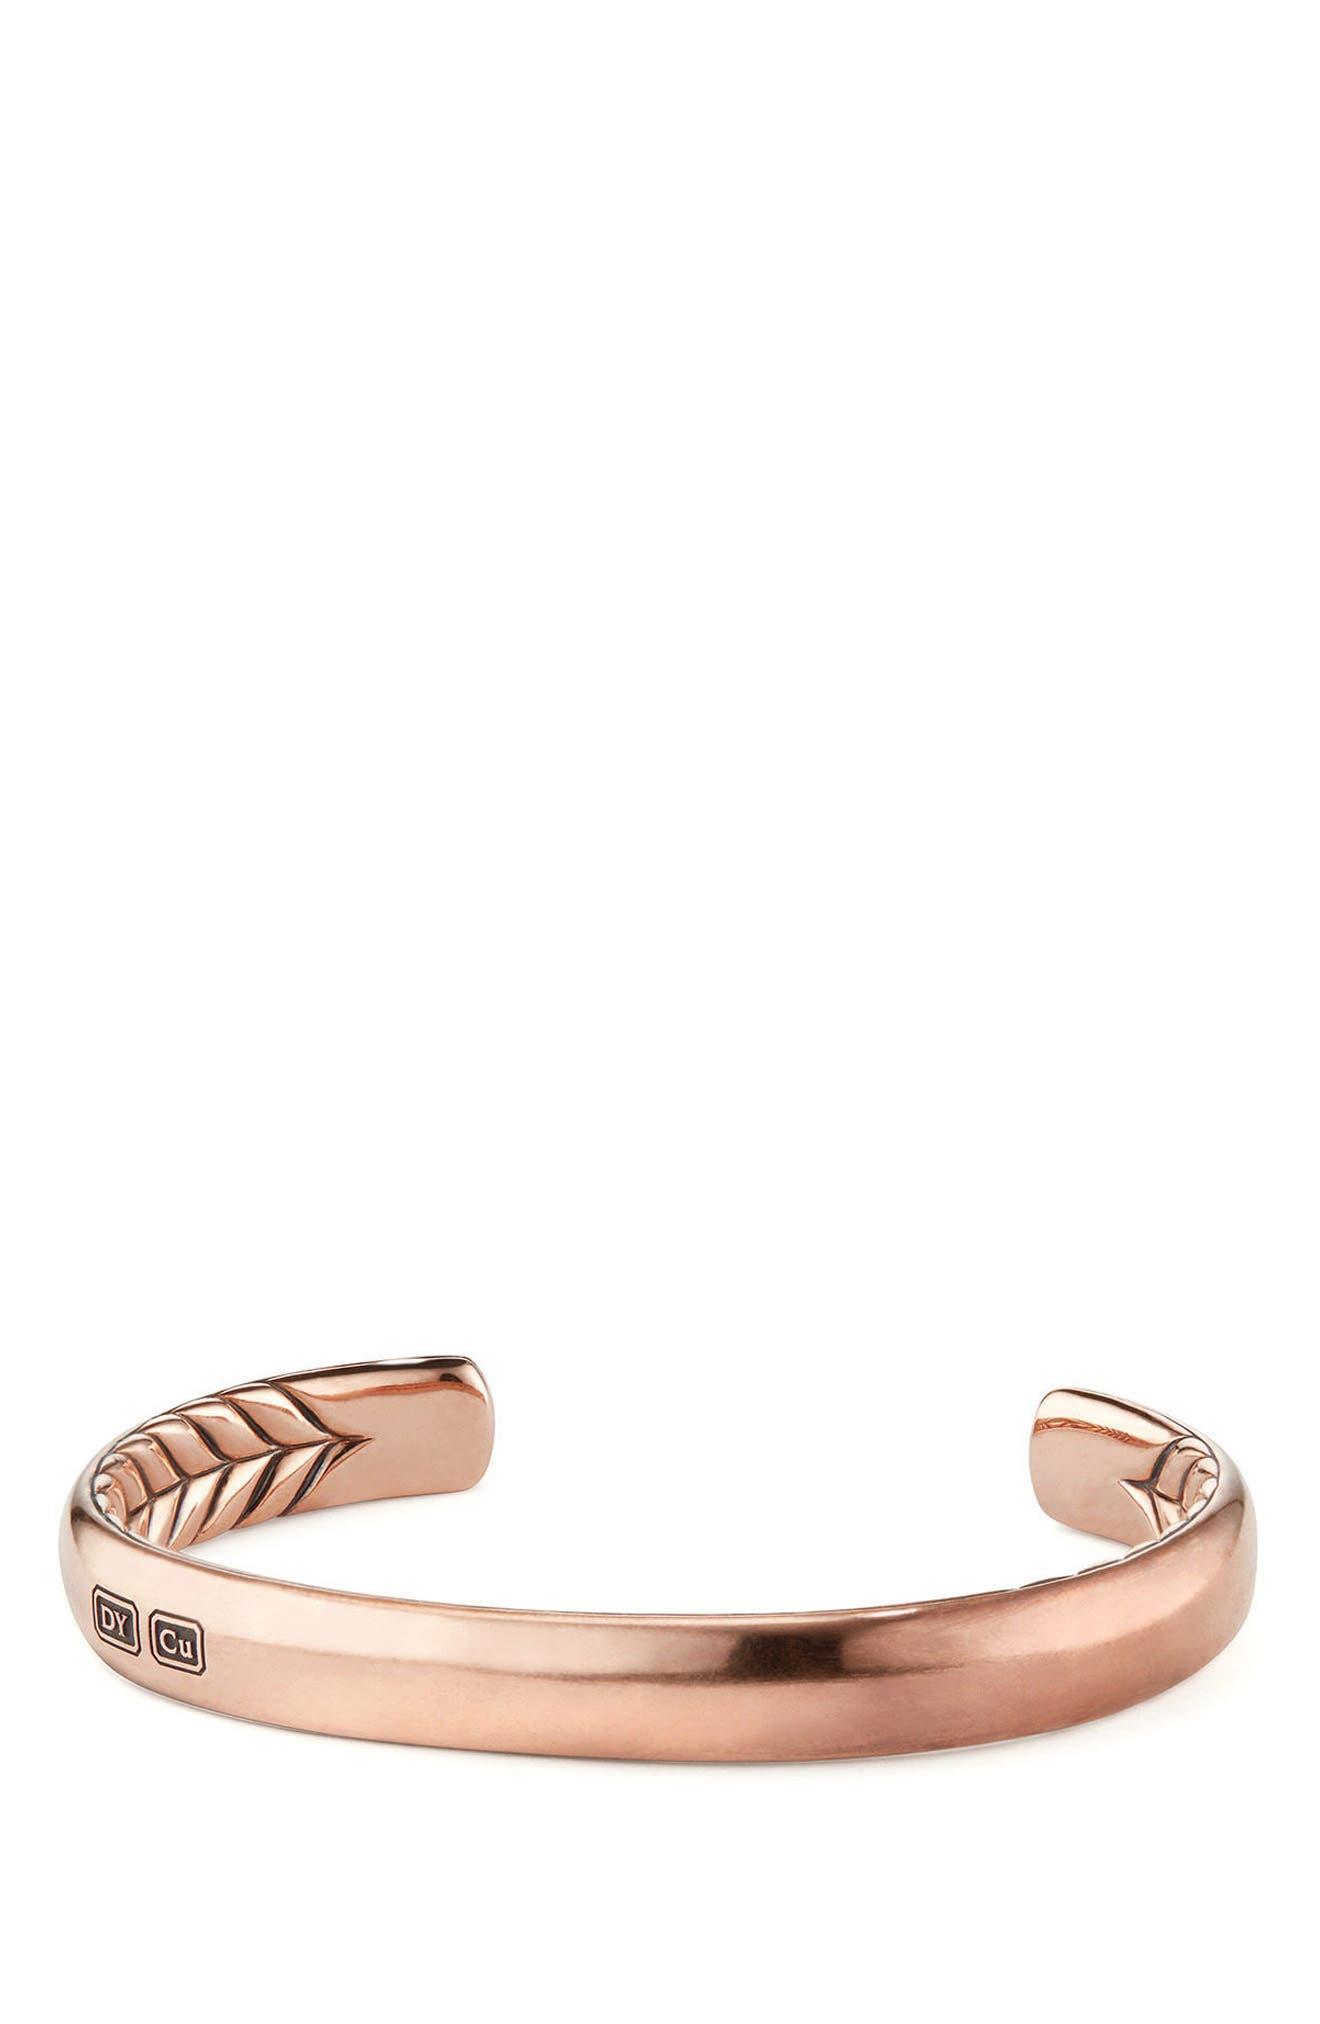 Titian Streamline Cuff Bracelet in Copper,                         Main,                         color, Copper